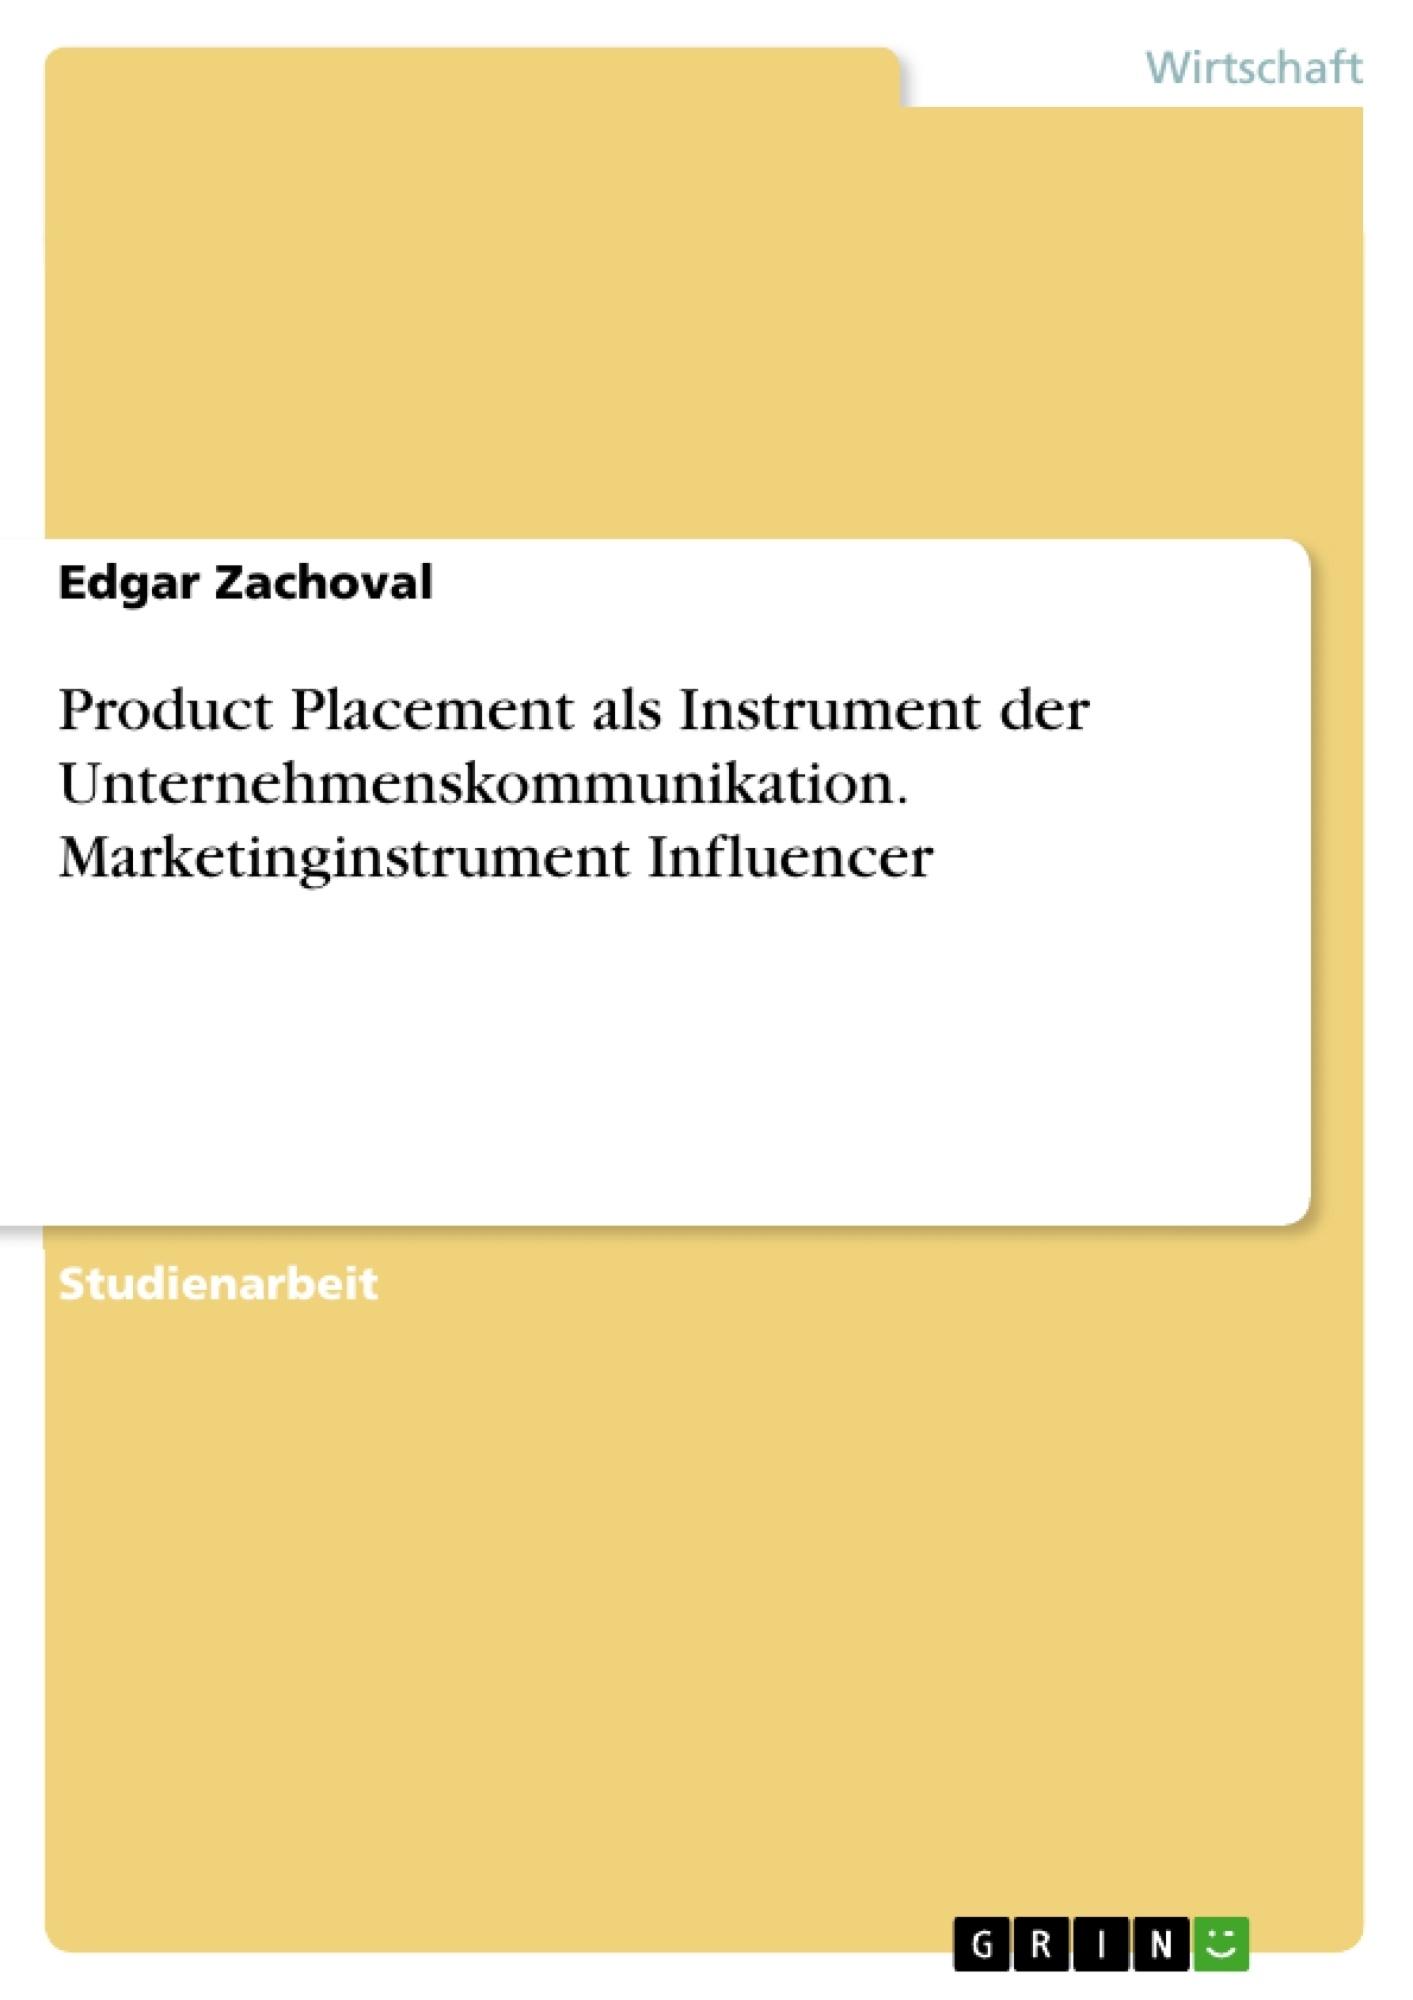 Titel: Product Placement als Instrument der Unternehmenskommunikation. Marketinginstrument Influencer